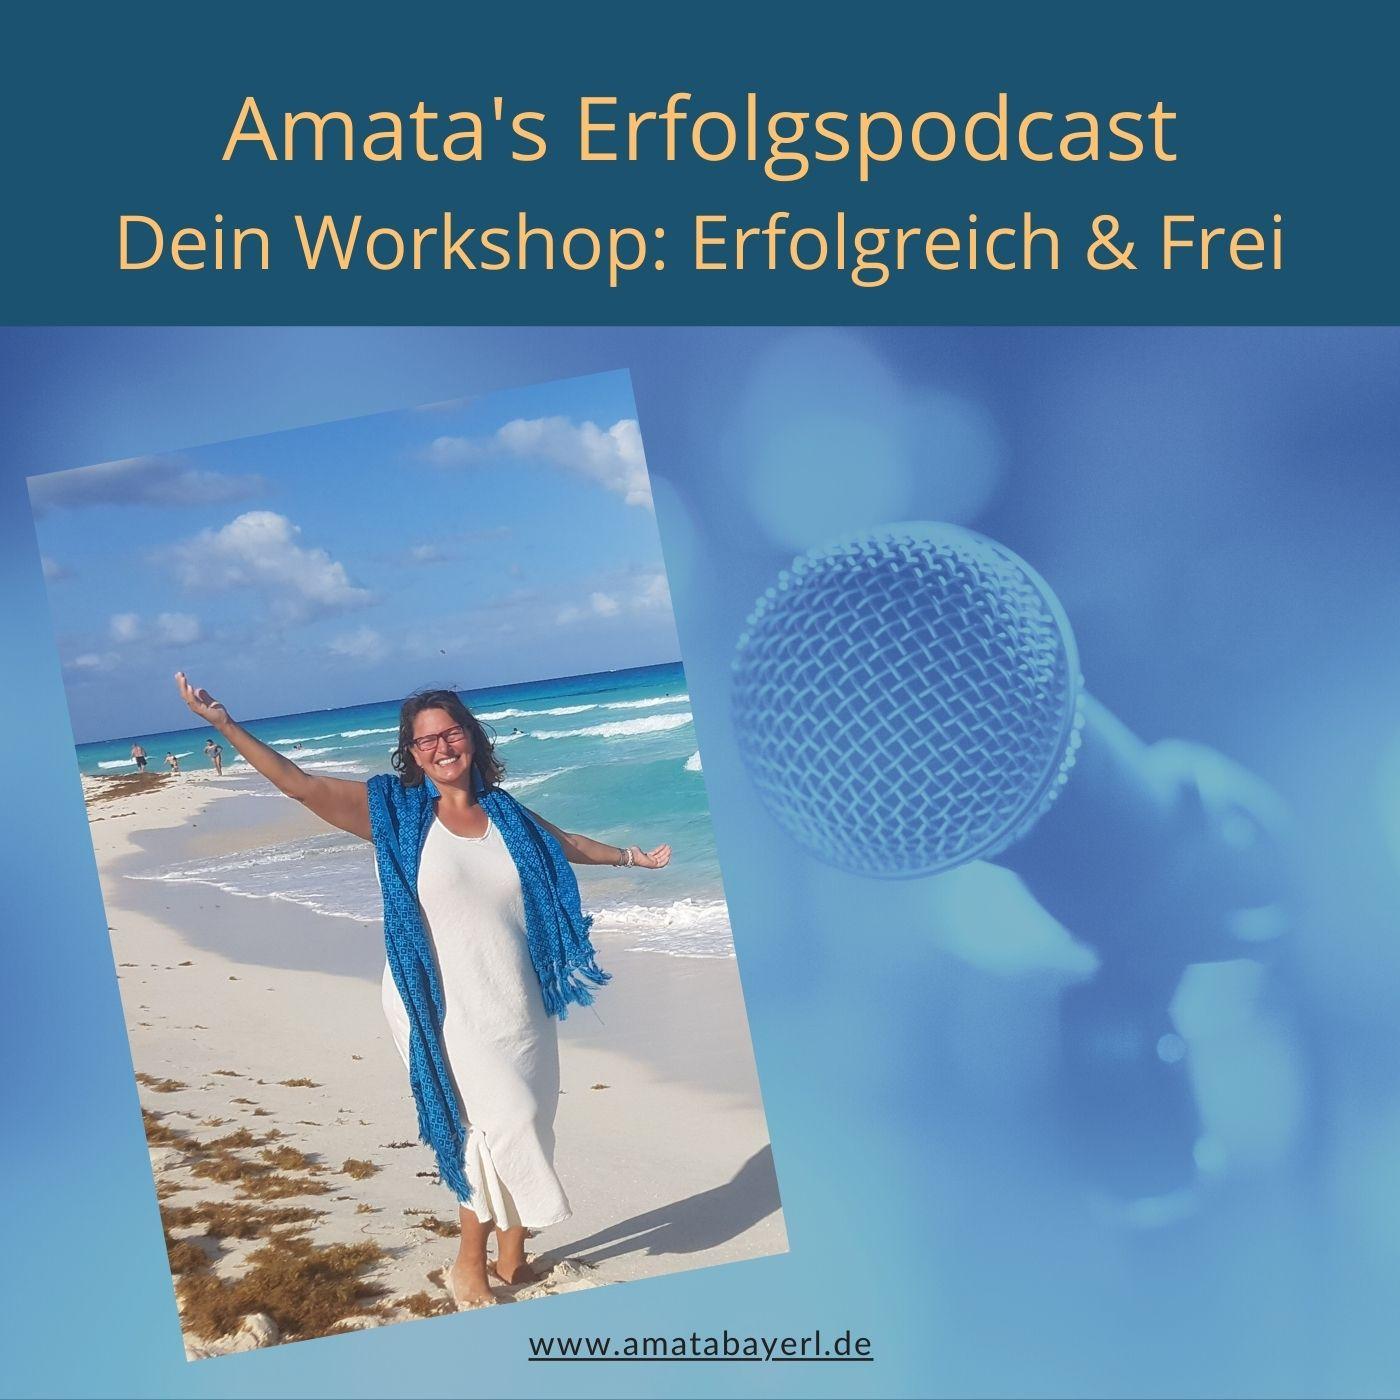 306 – Dein Workshop: Erfolgreich & Frei –  Podcast-Episode von Amata Bayerl